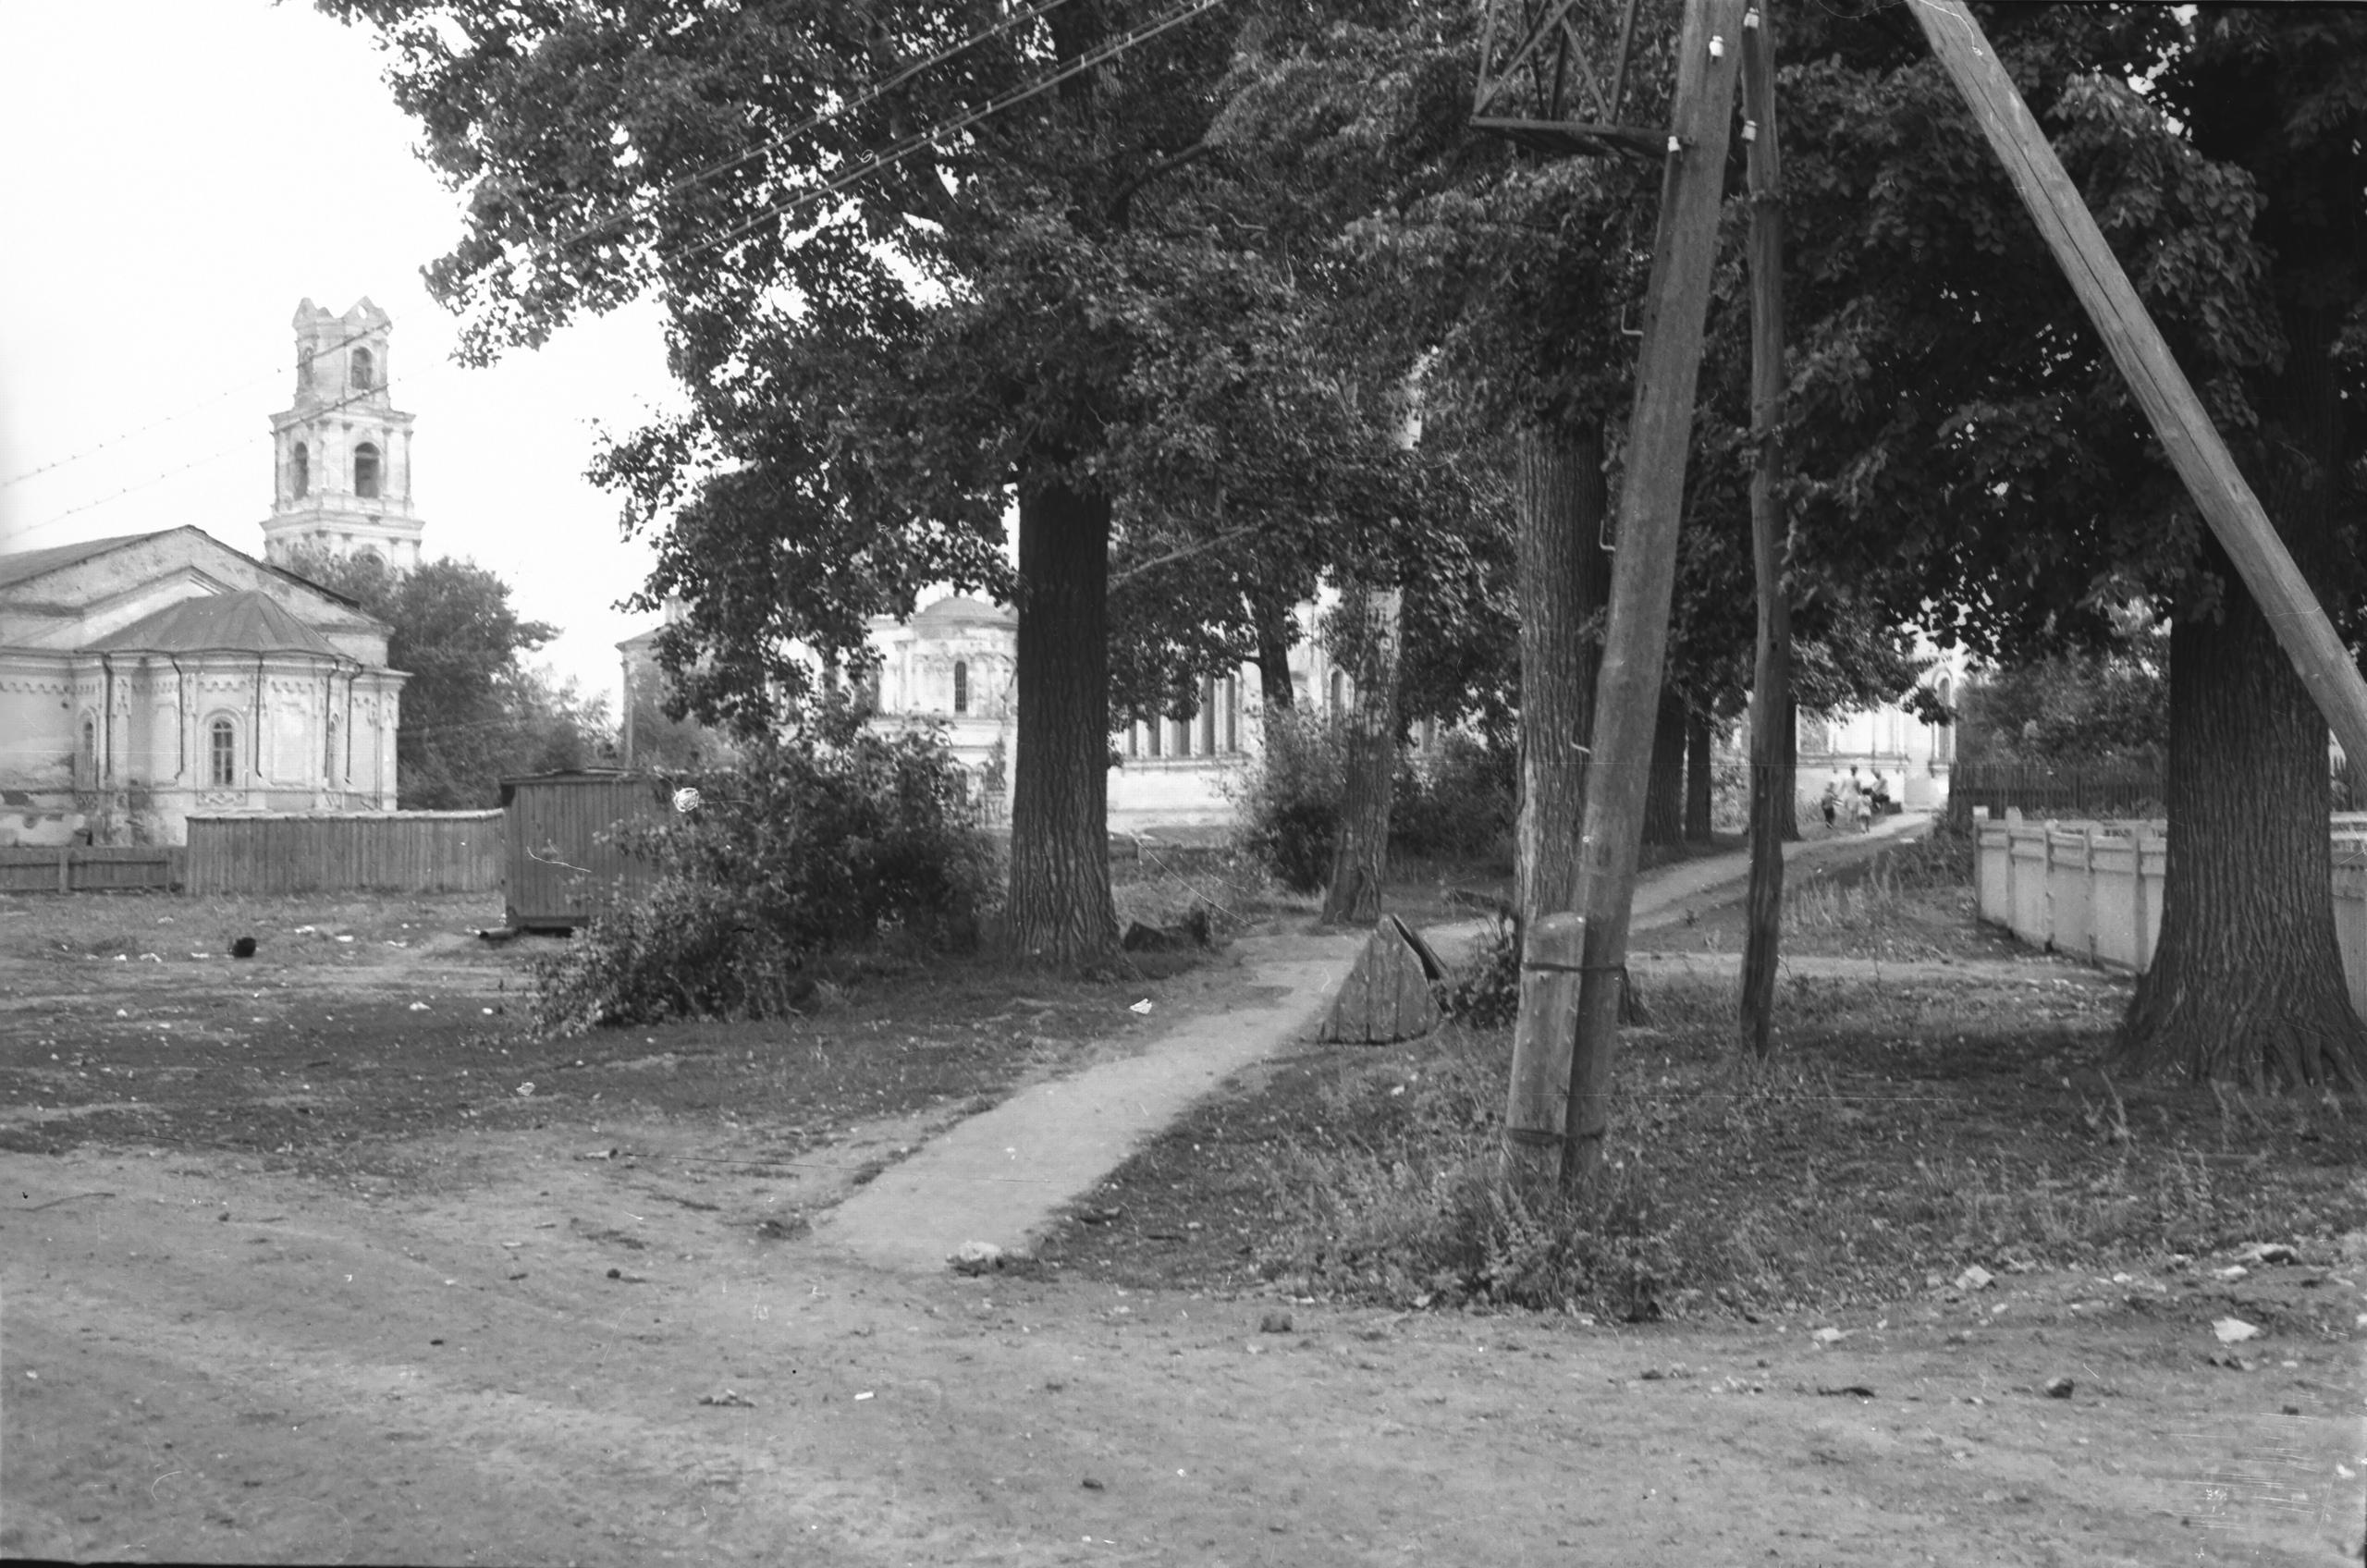 Канавка, 1990 год. Фото: Свято-Троицкий Серафимо-Дивеевский монастырь